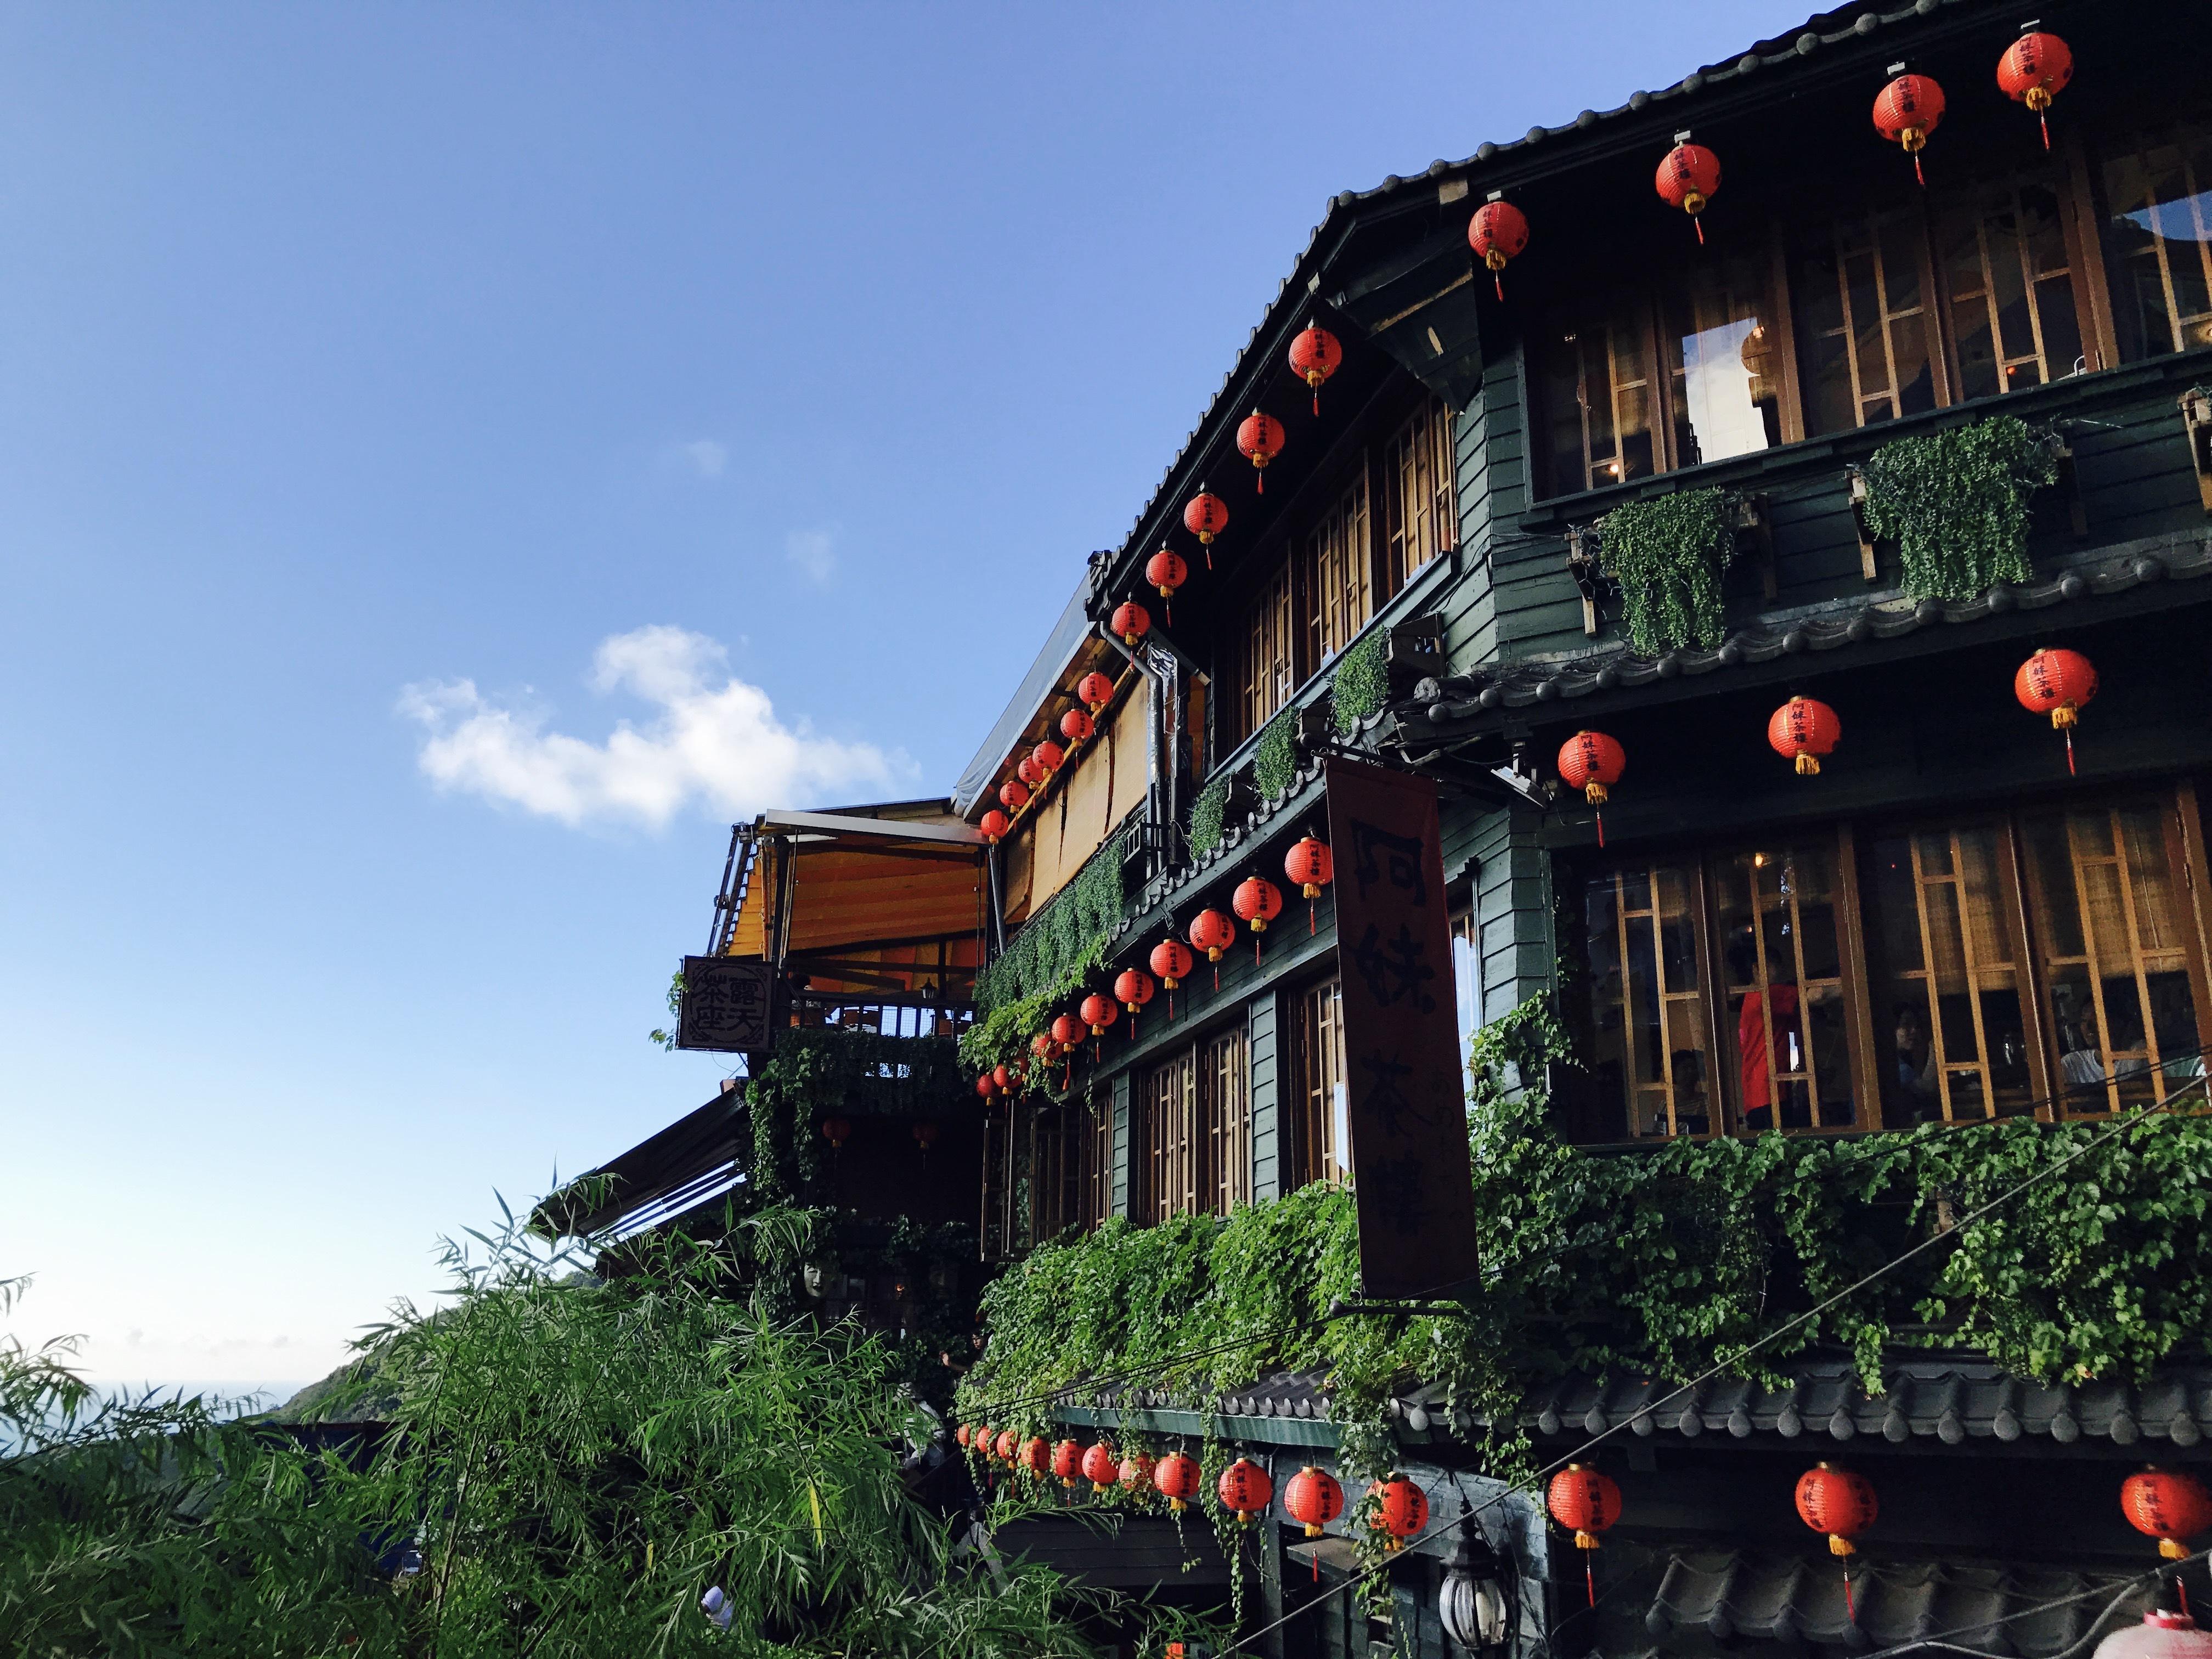 台湾旅行の予算を抑える予約方法は?お得なツアーや観光に必要な費用も解説!